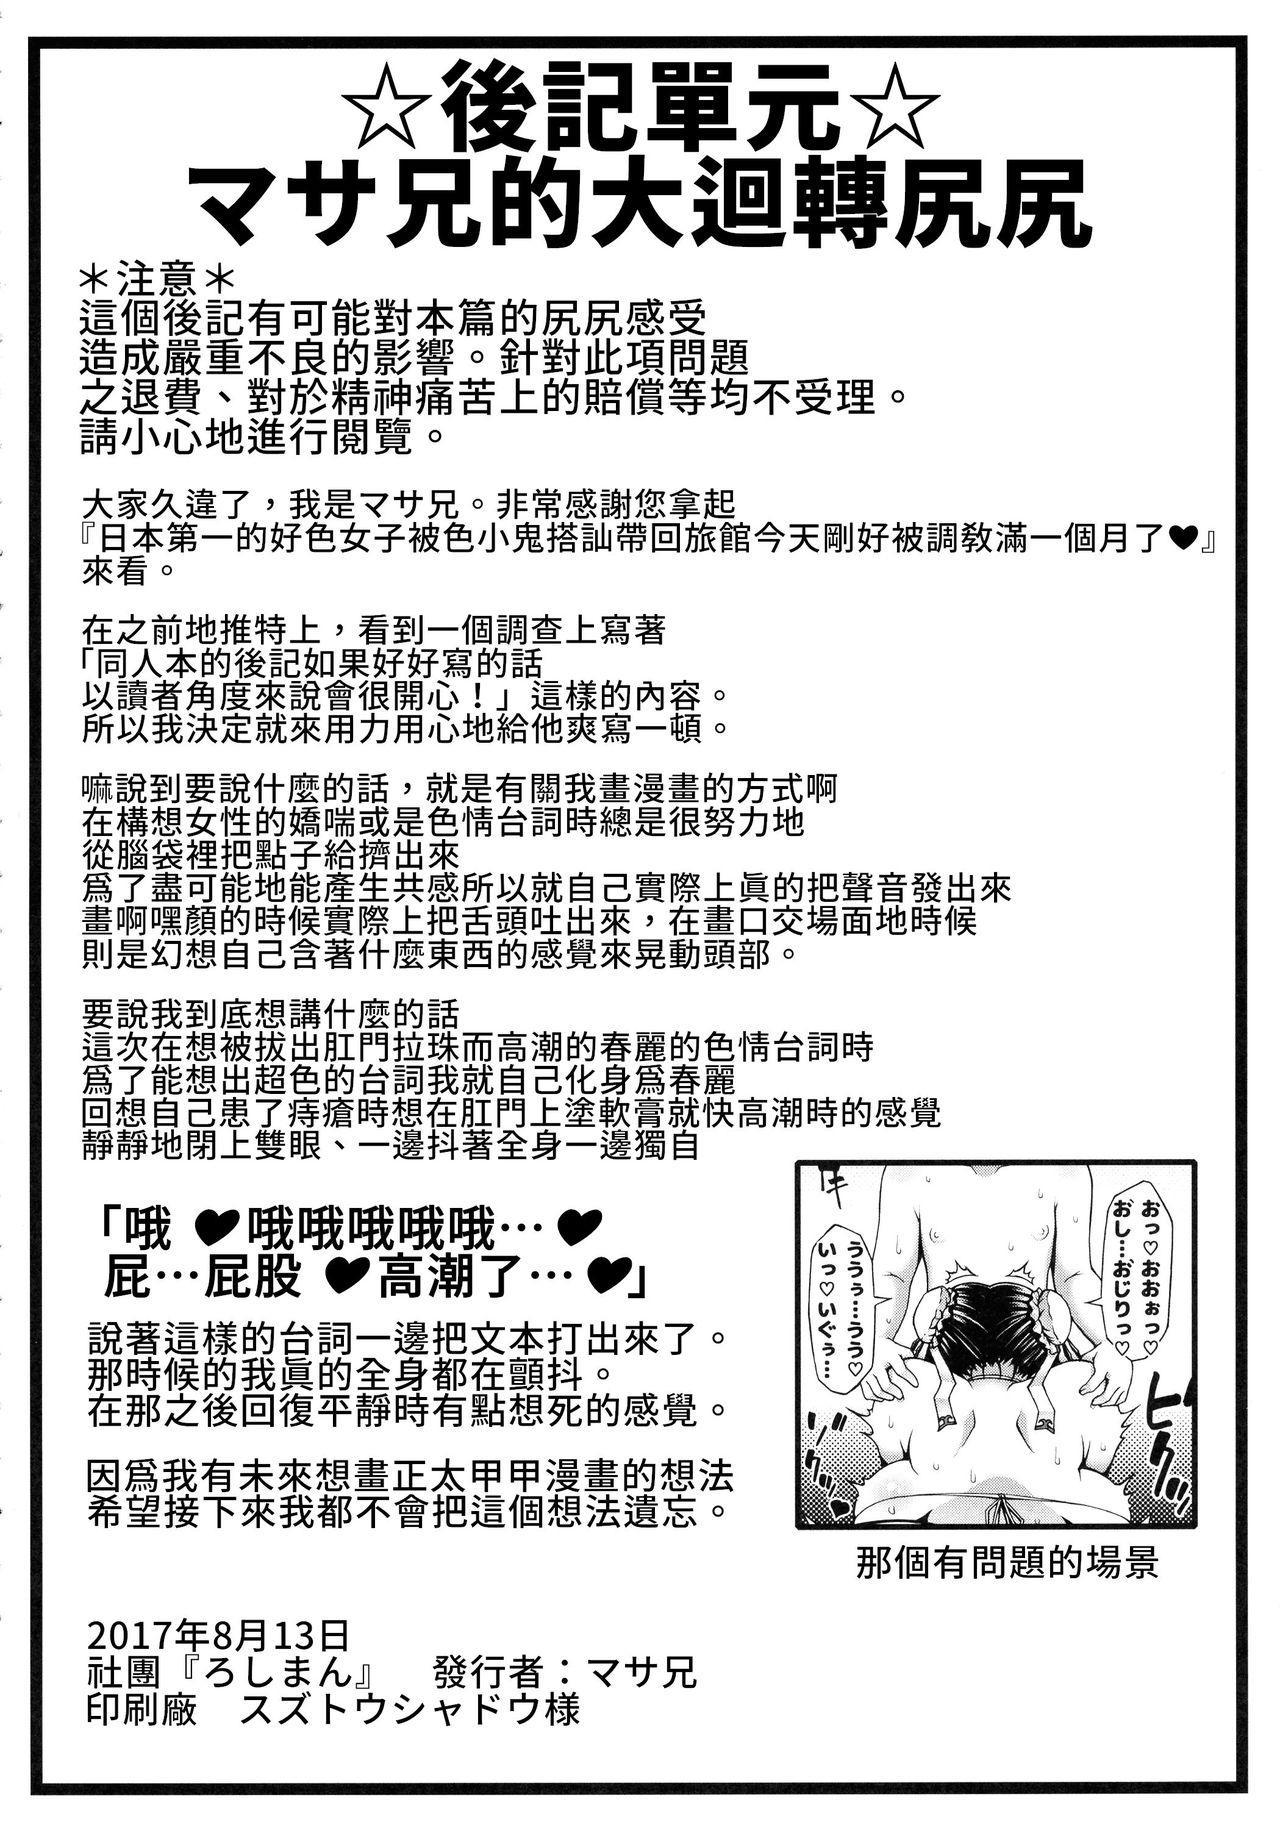 Nihon'ichi no Dosukebe Onna ga Masegaki ni Nanpa Sarete Hoteru ni Ttsurete Ika re Kyou de Choukyou ikkatsuki-me ni Hairimashita | 日本第一的好色女子 被色小鬼搭訕帶回旅館 今天剛好被調教滿一個月了❤ 25